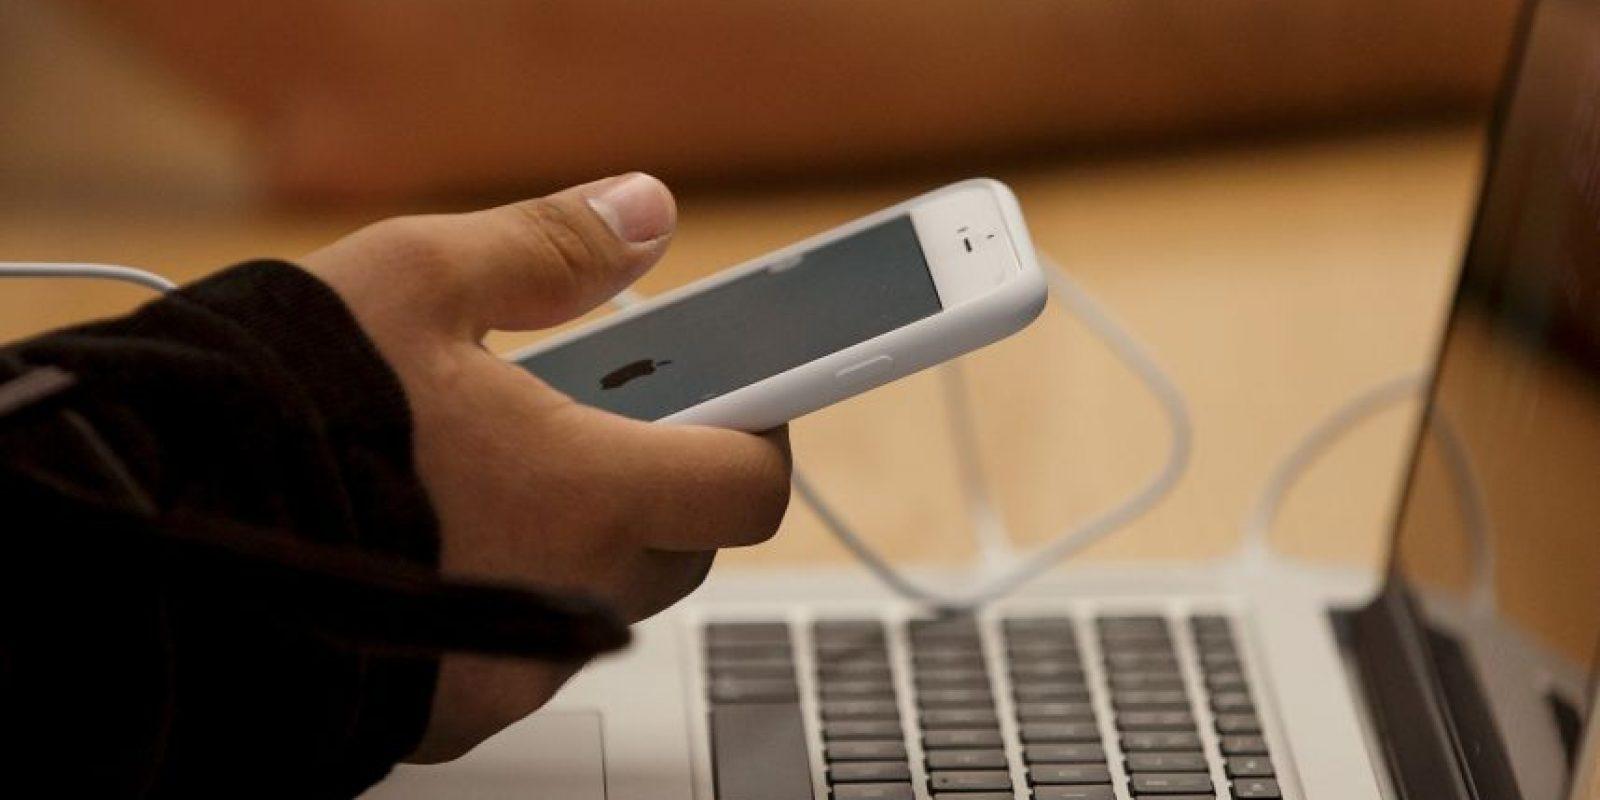 El estudio también confirmó que los mensajes de texto estánreemplazando el hablar cara a cara entre los adolescentes. Foto:Getty Images